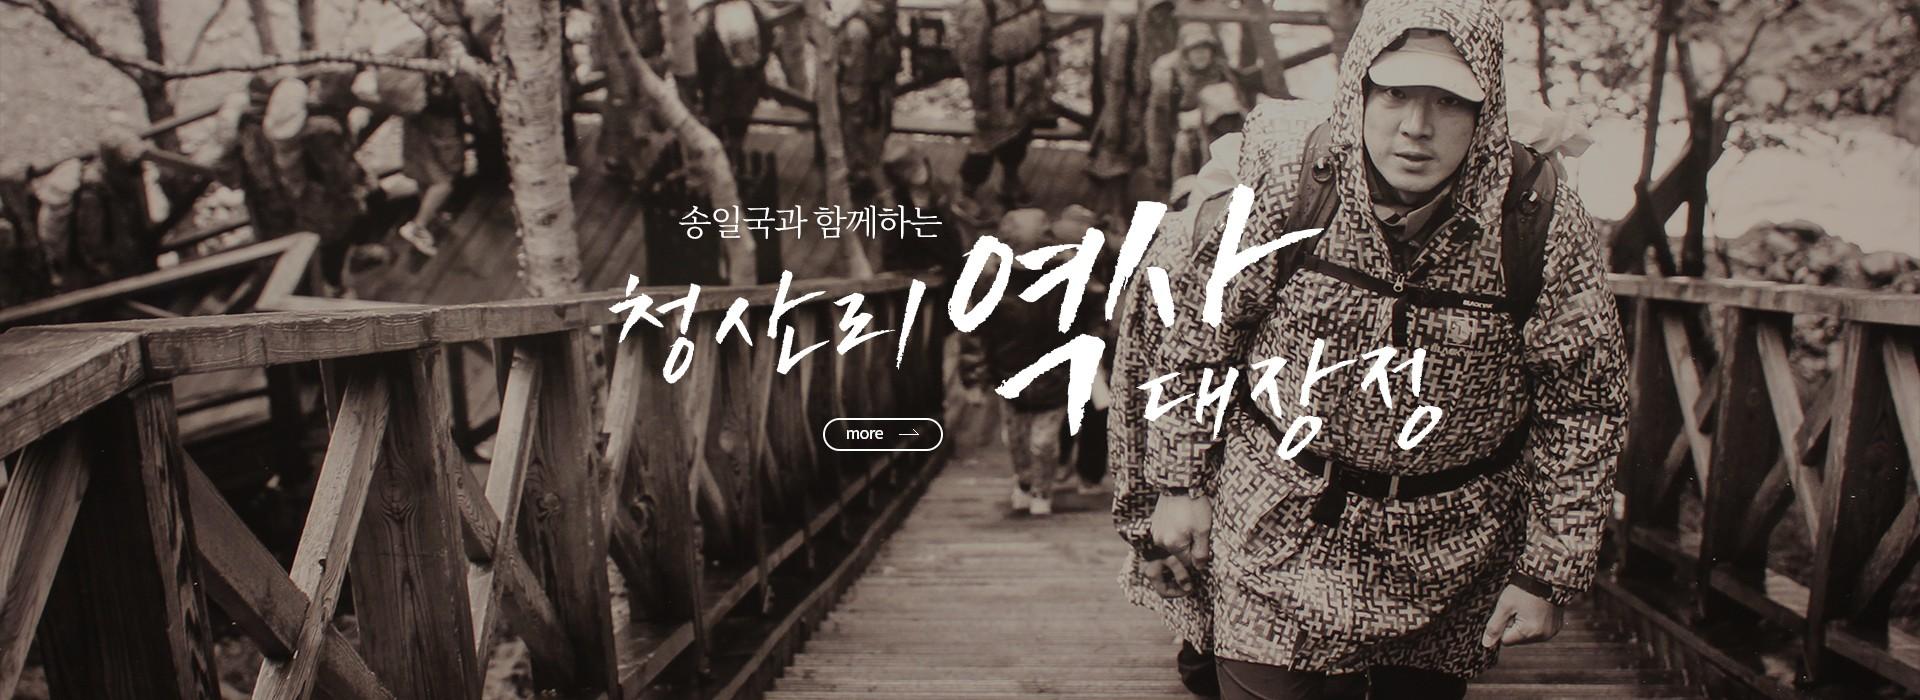 청산리 역사 대장정